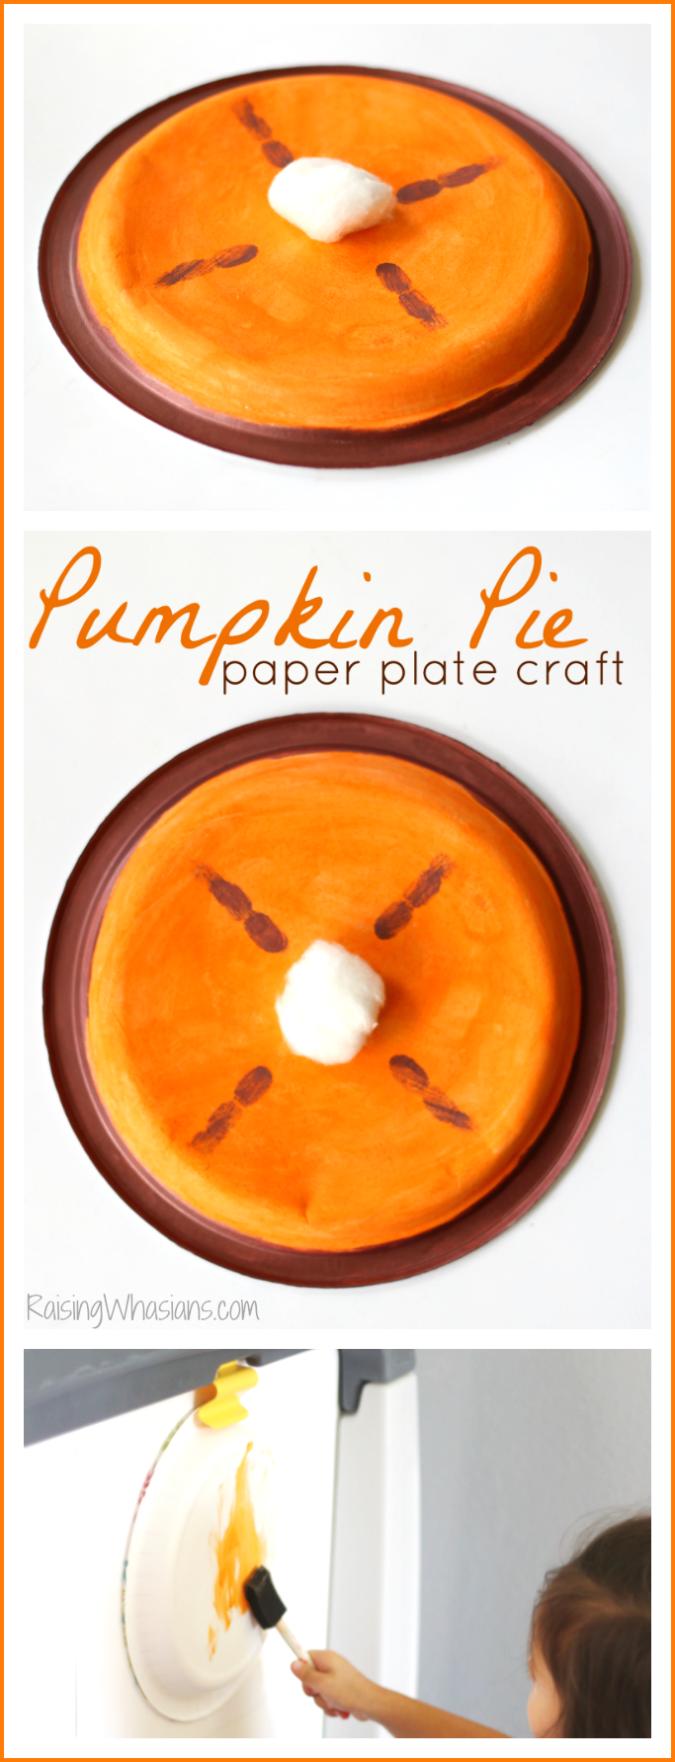 Pumpkin pie paper plate craft for preschoolers